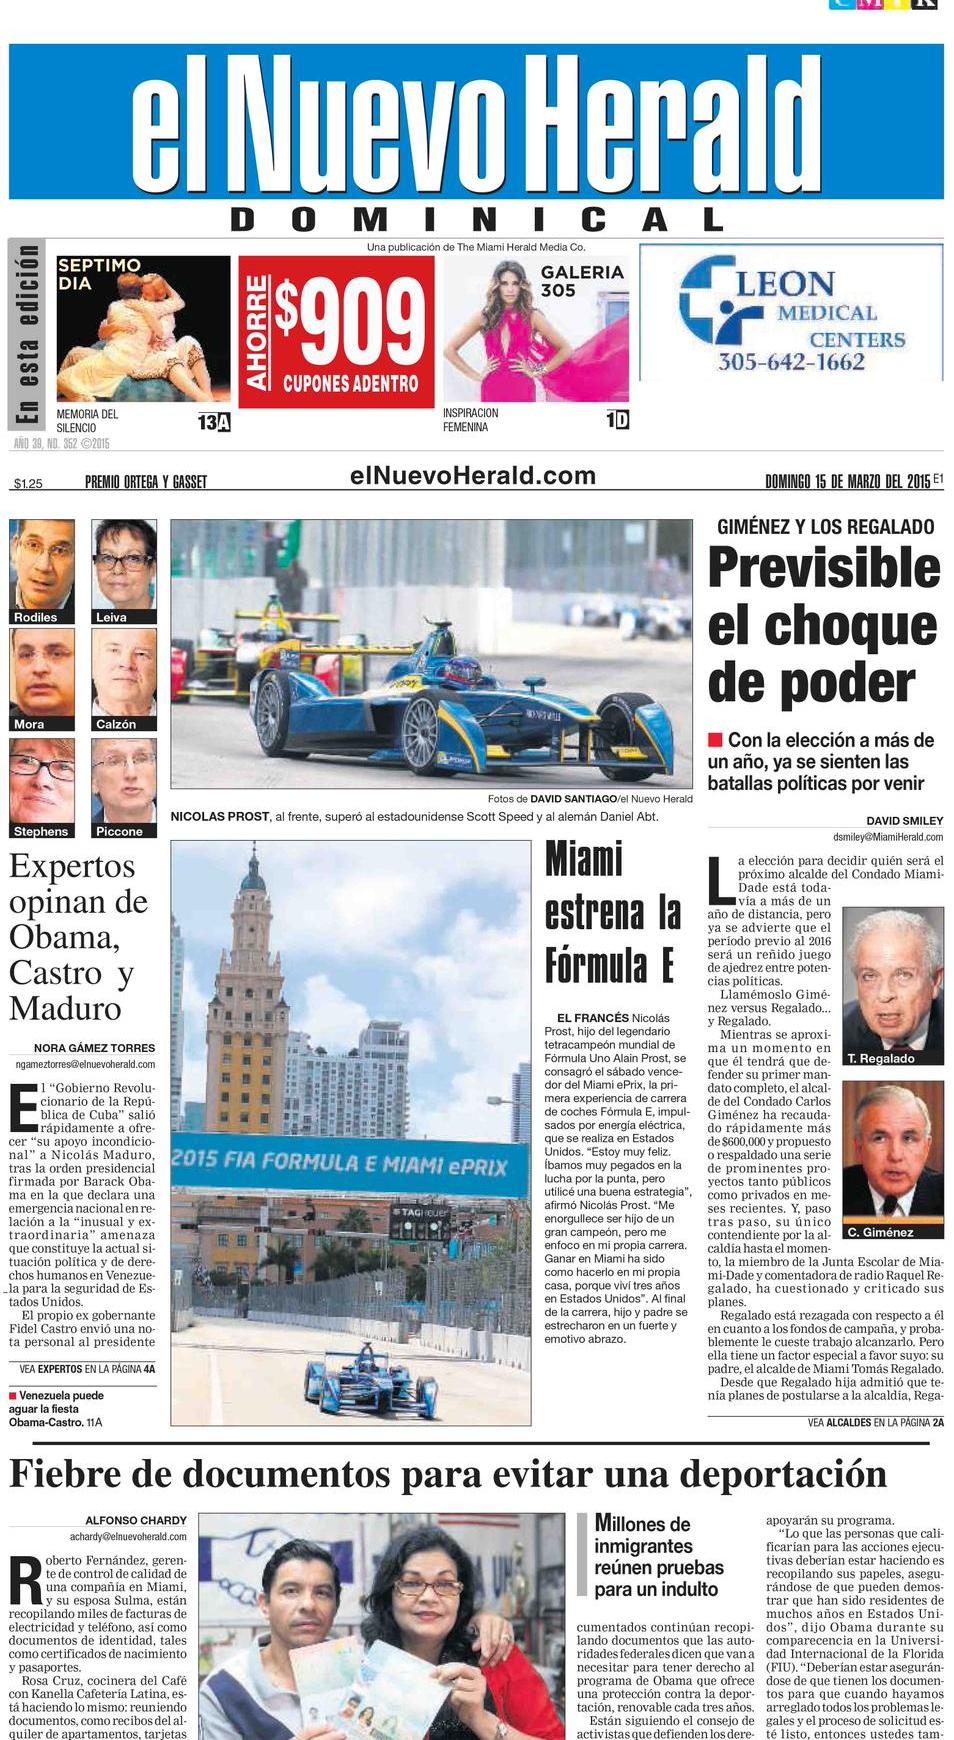 2015 FORMULA E   NUEVO HERALD FRONT PAGE